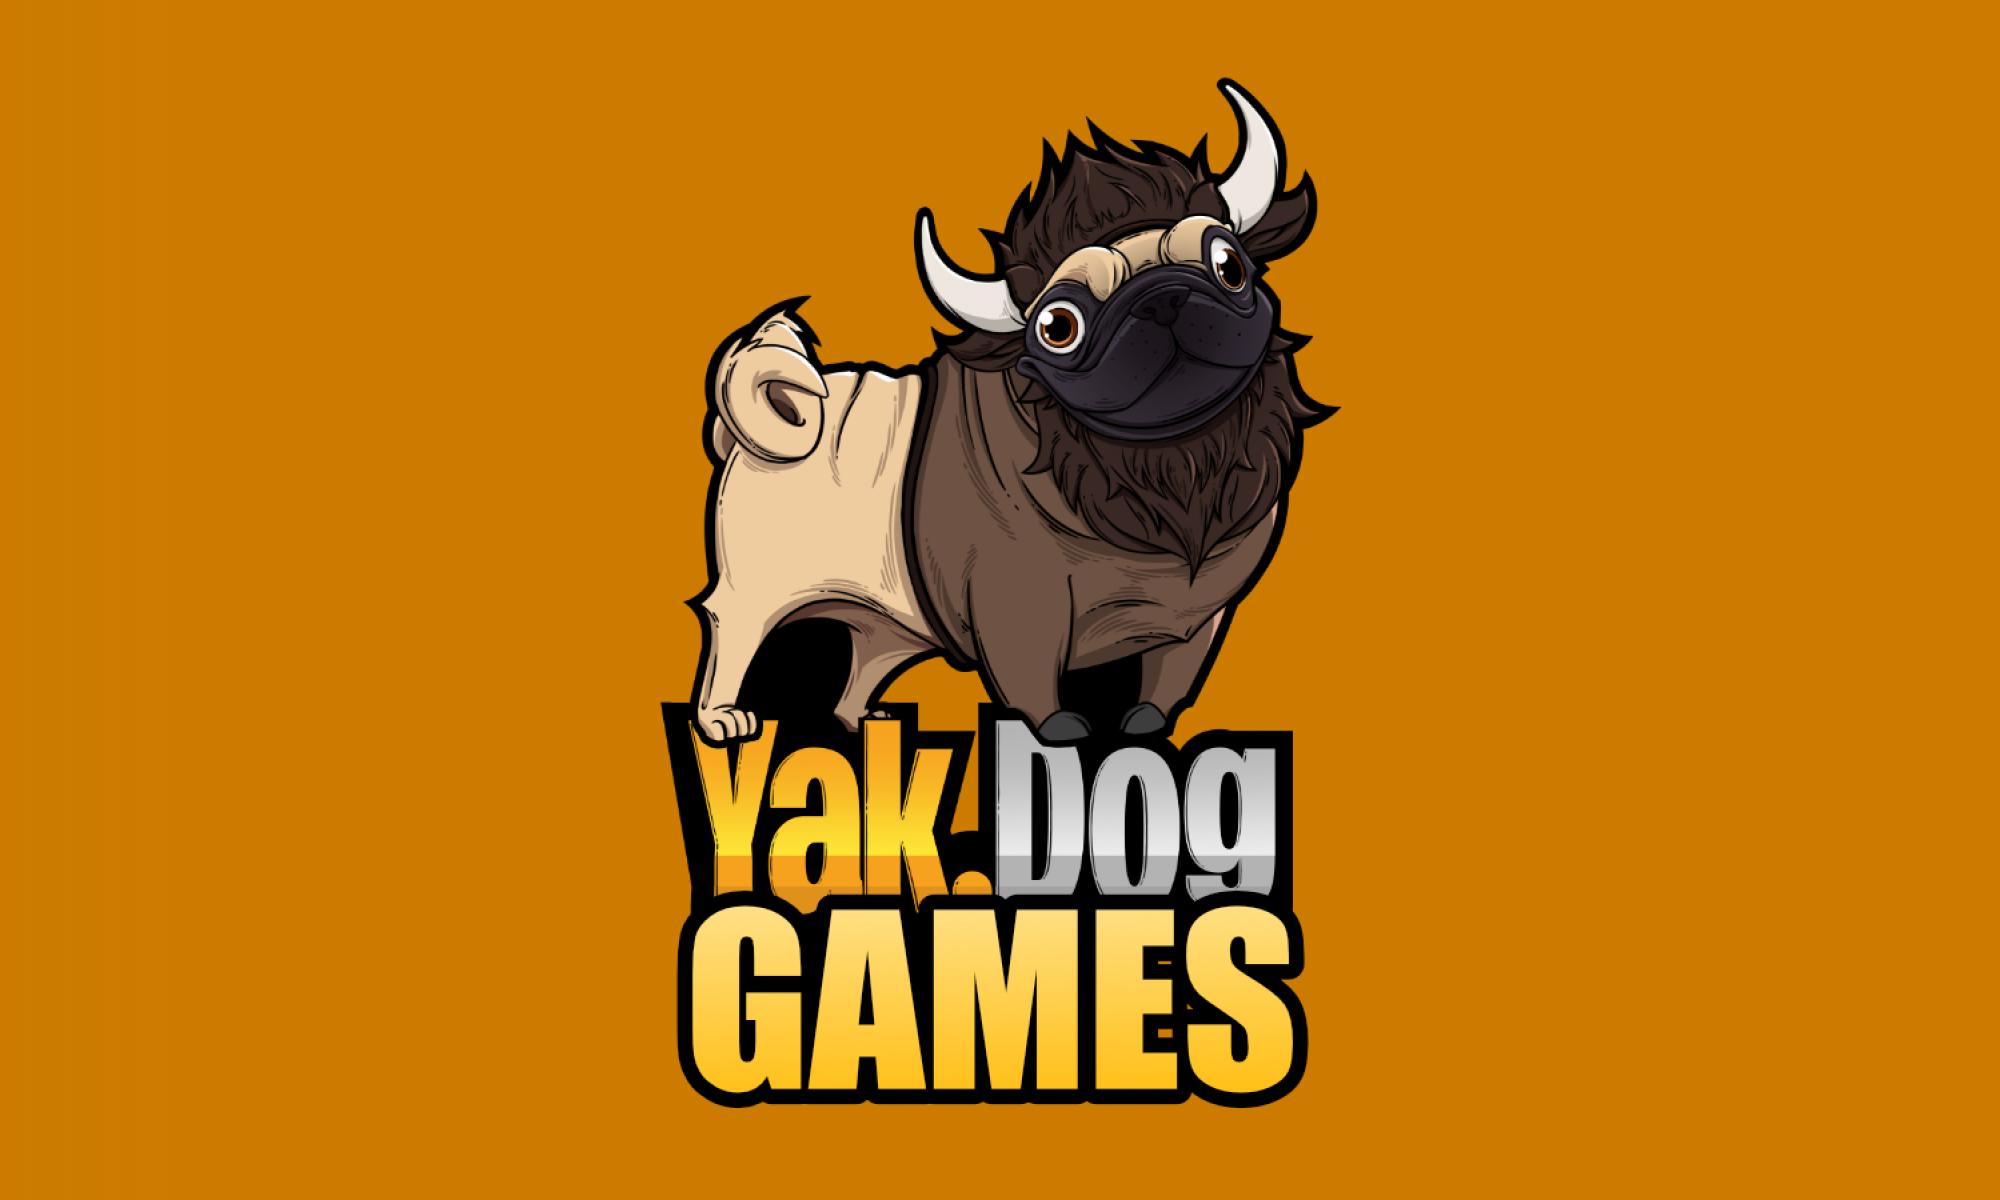 YakDog Games